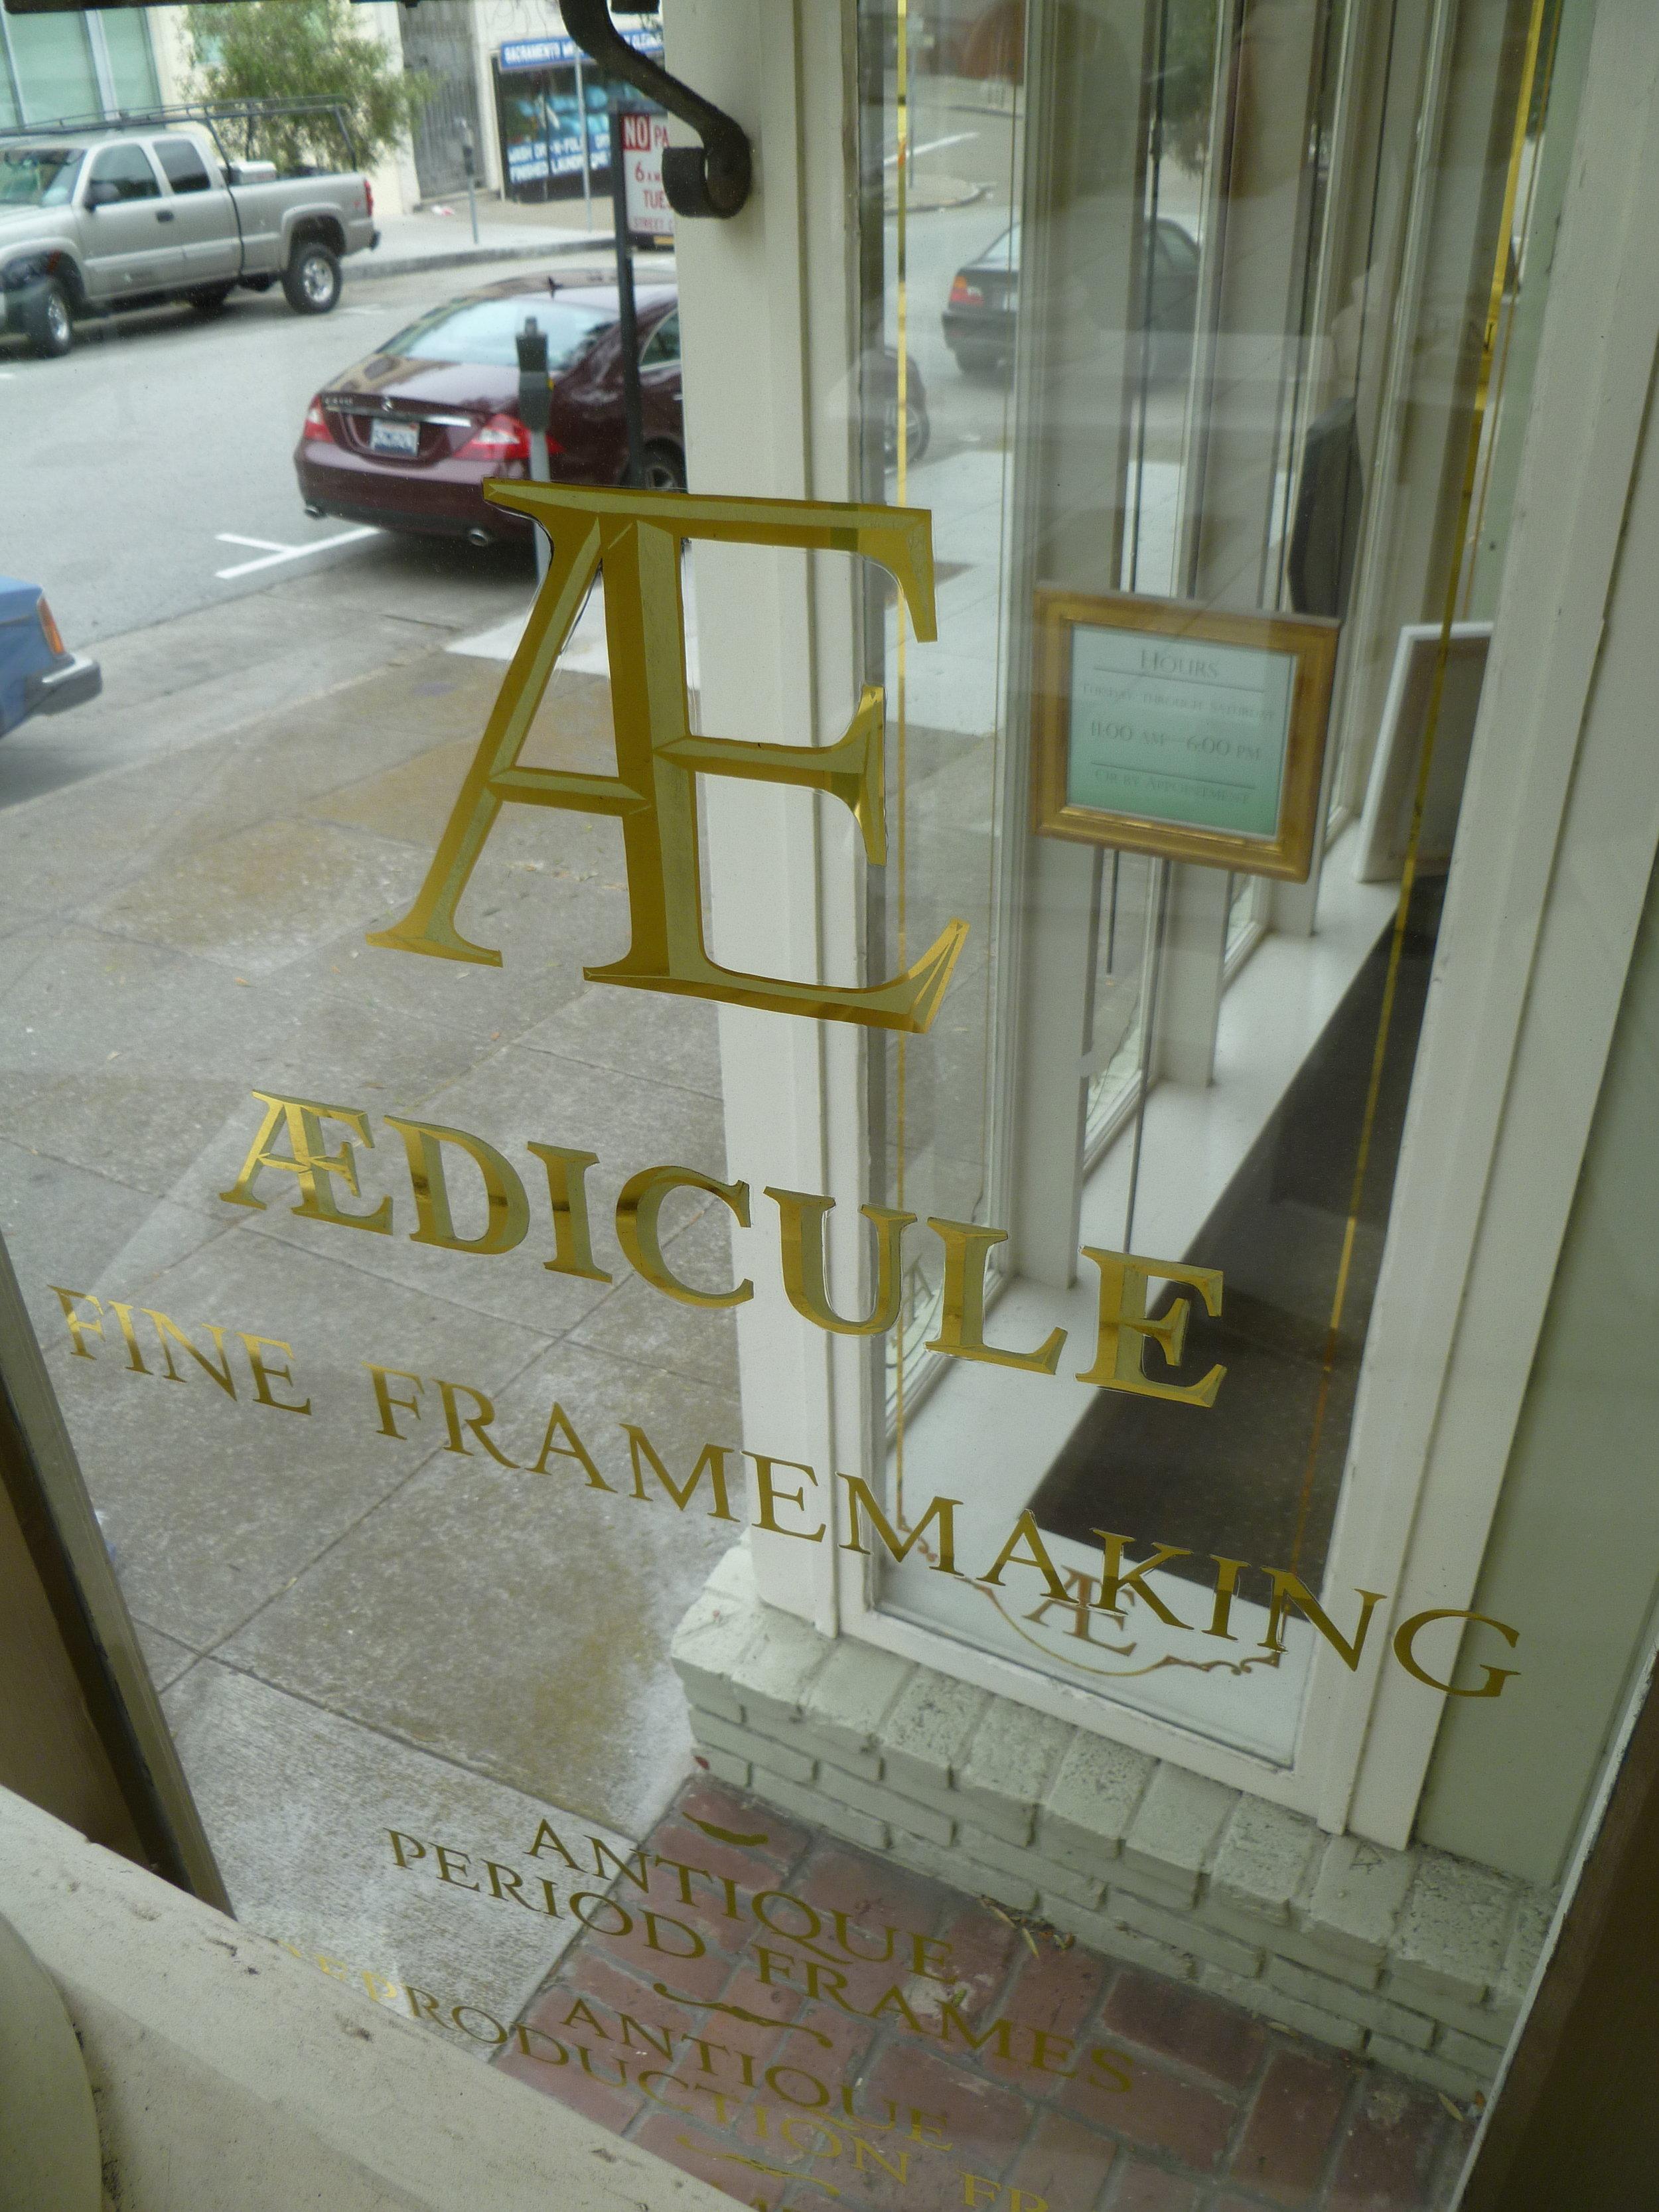 GOLD-aedicule-front-door-exterior-view_5006785490_o.jpg